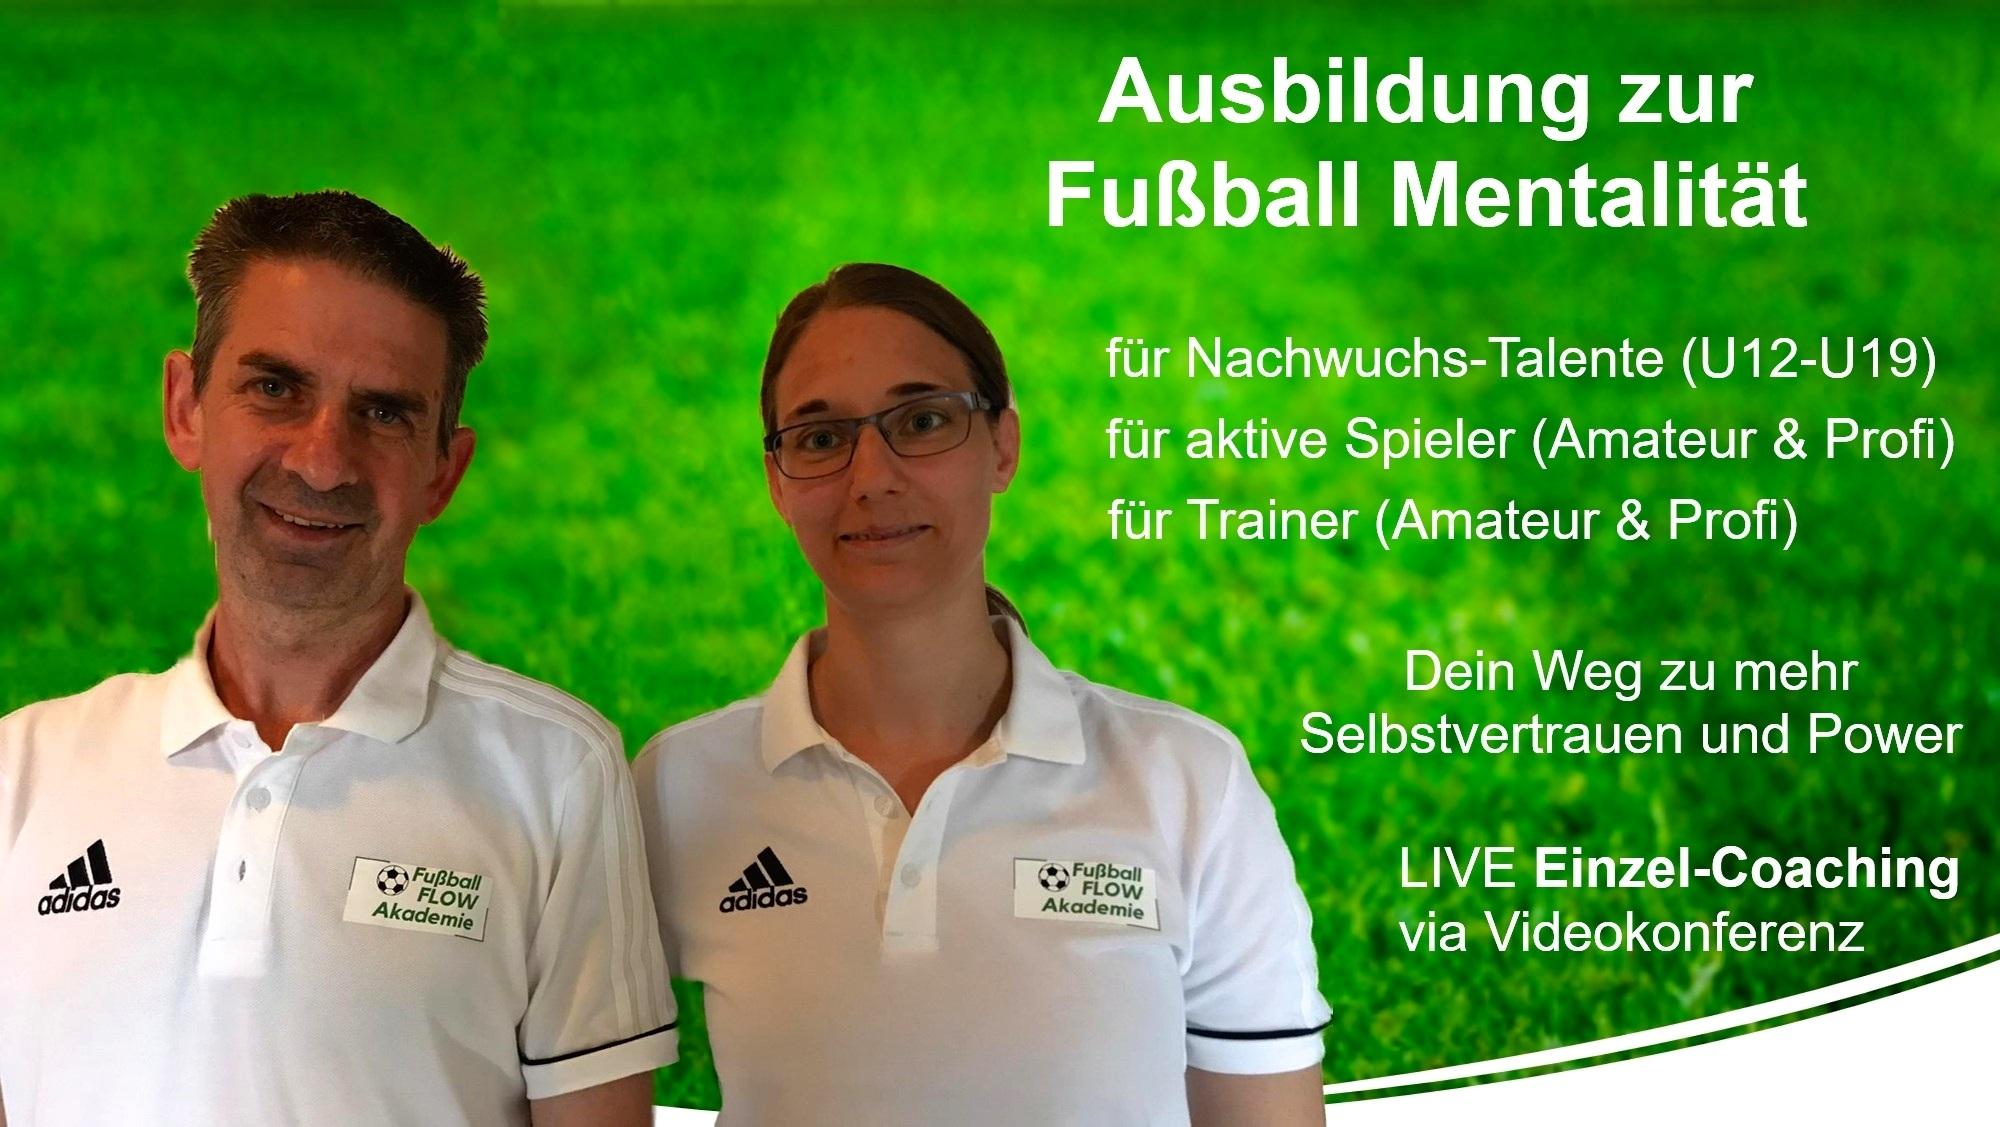 Fussball Flow Akademie, Mentalität, Mentaltraining, mentale Stärke, Selbstvertrauen